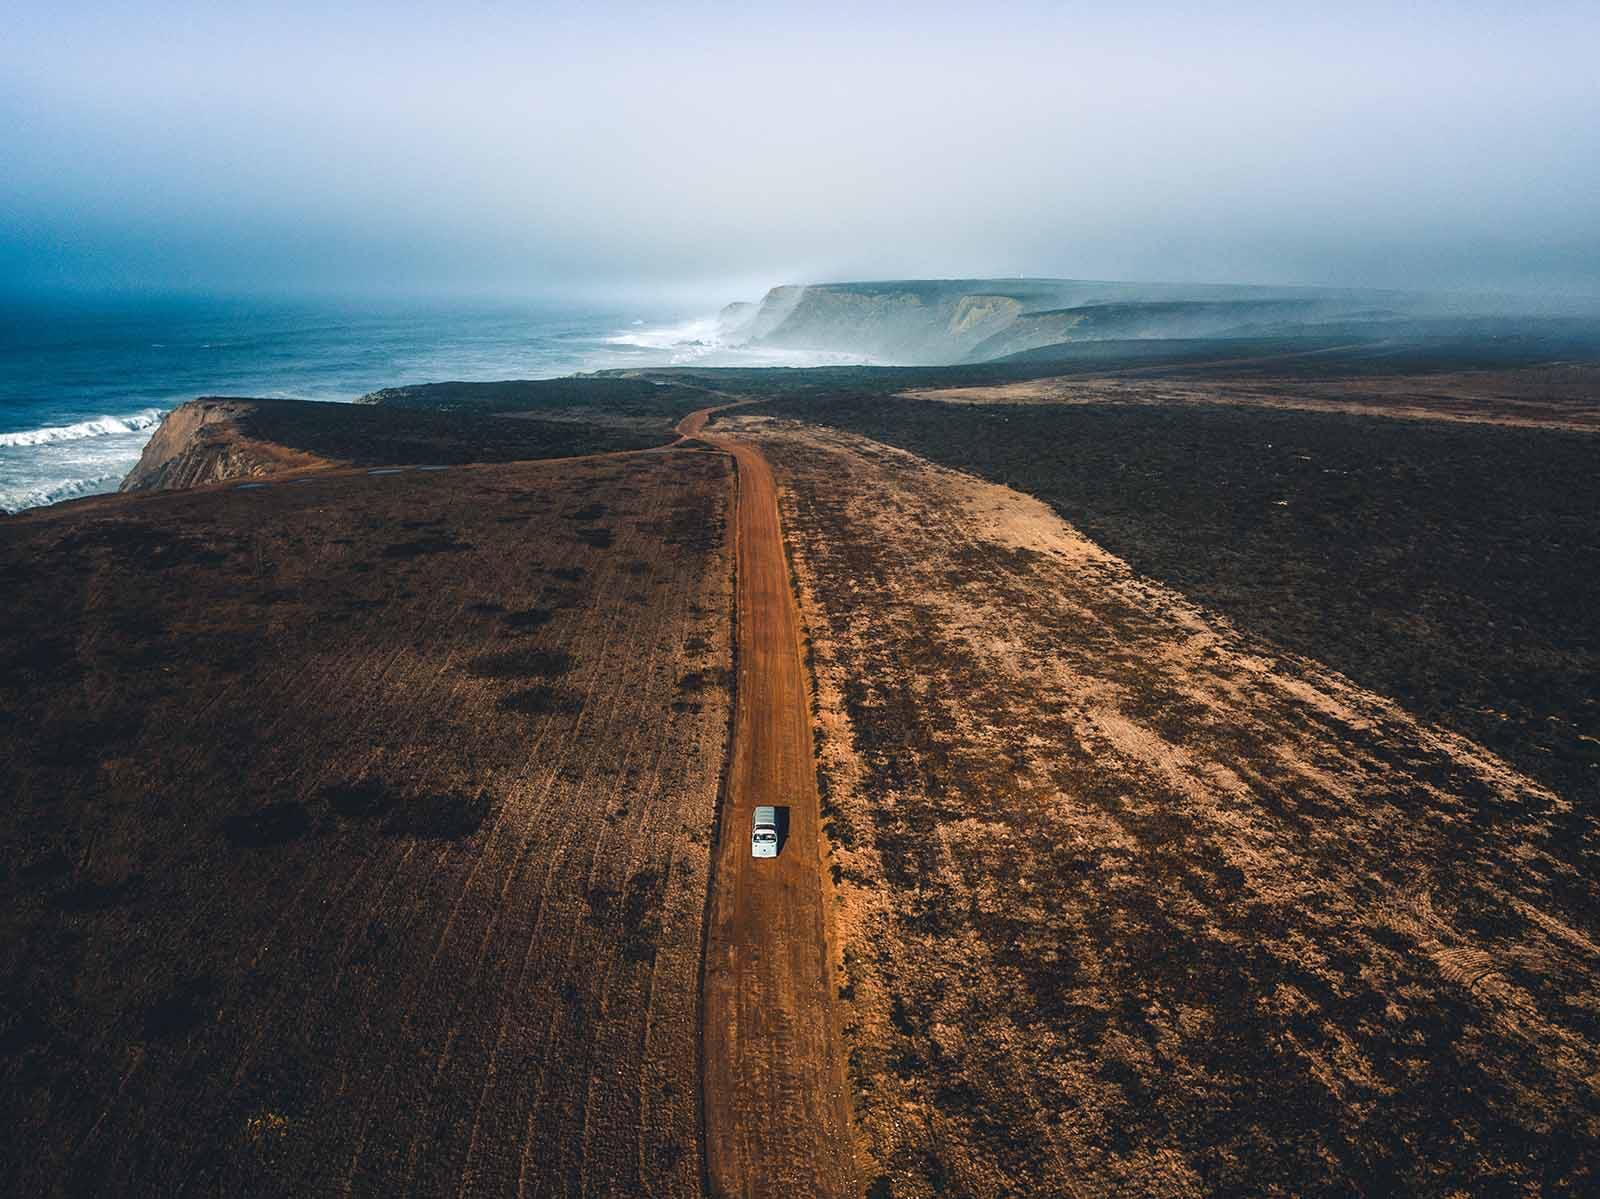 Viagem por estrada de autocaravana da costa oeste de Portugal. Melhores praias, locais secretos e experiências autênticas.